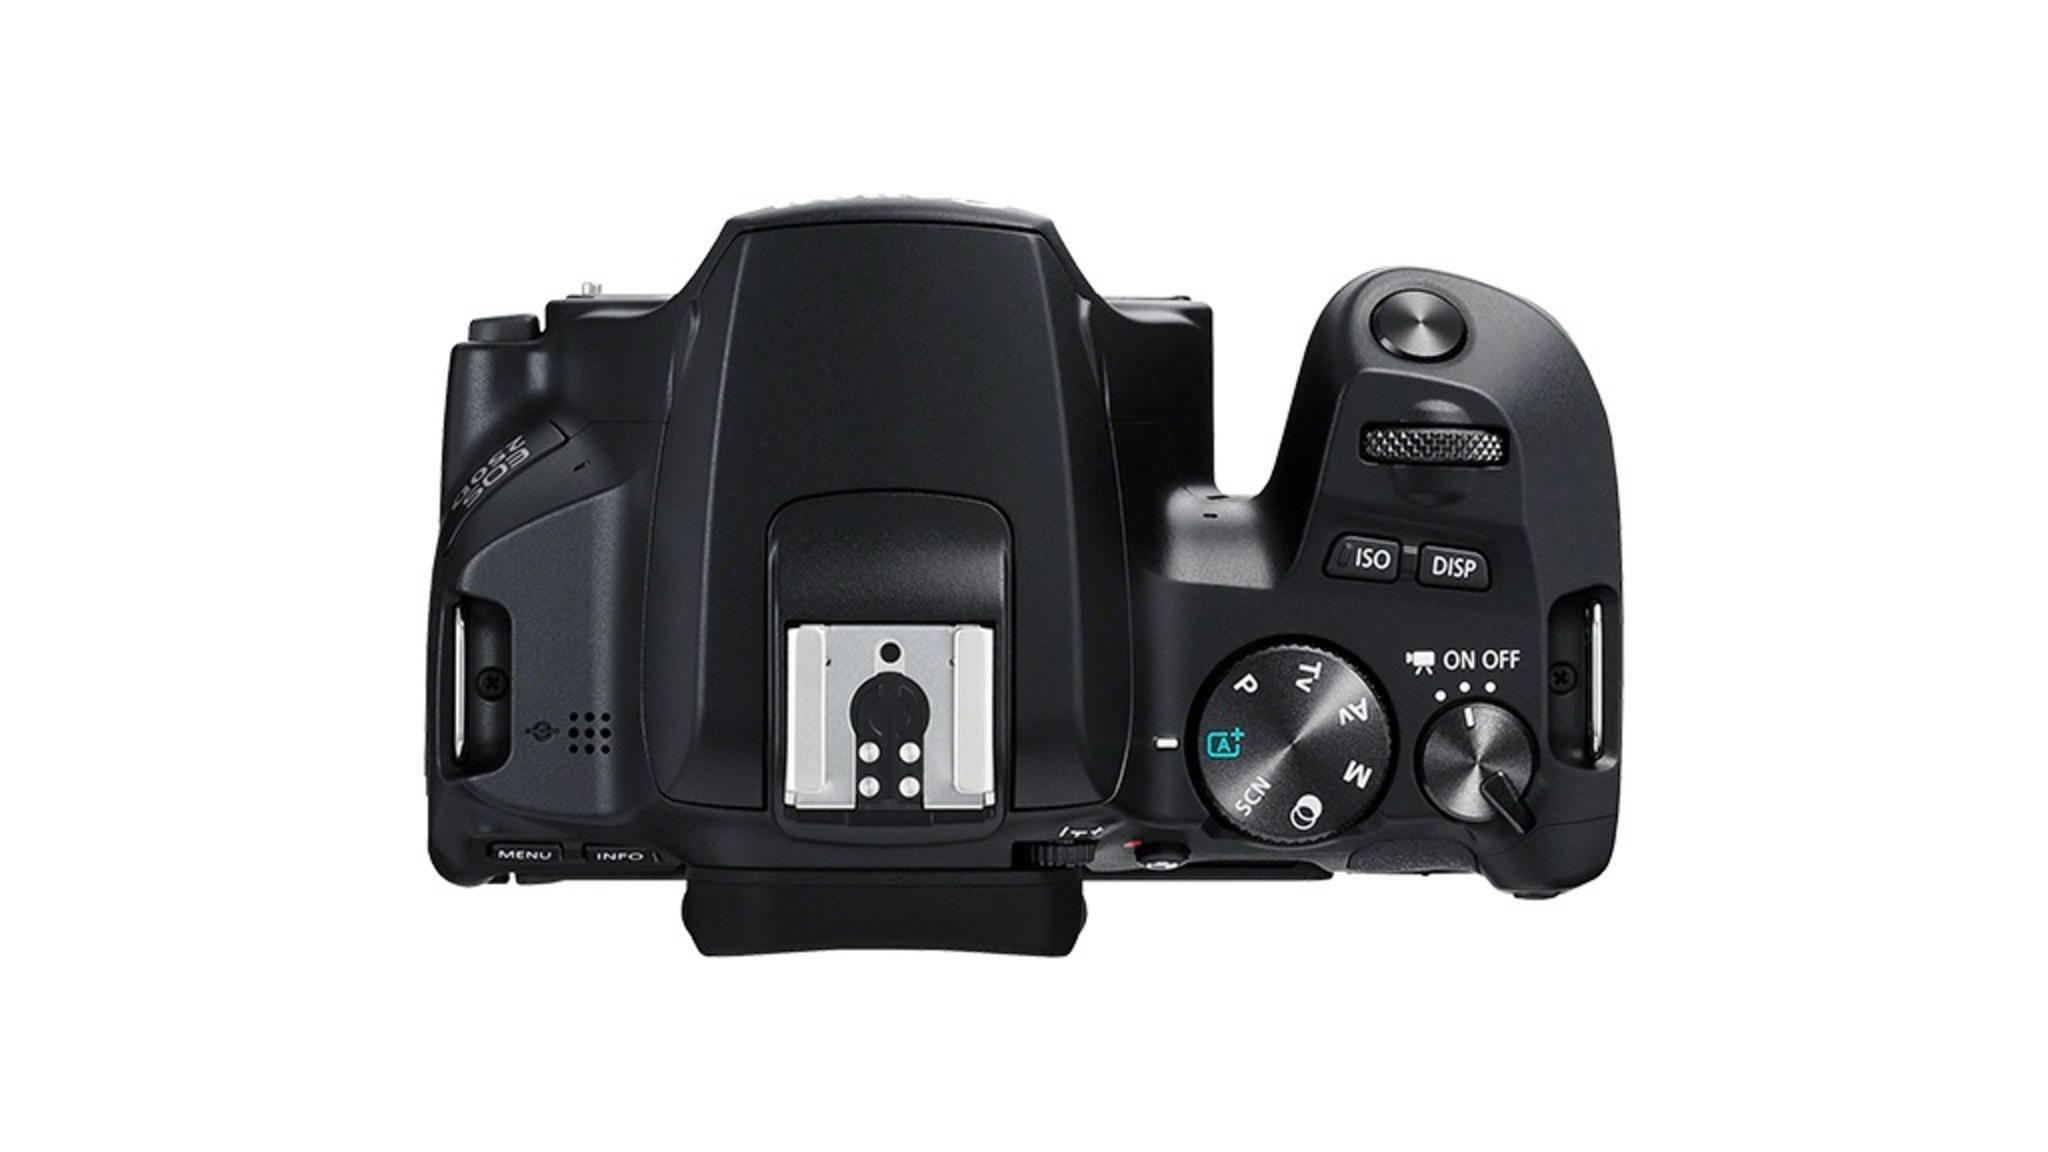 Bei der Einsteiger-DSLR Canon EOS 250D fehlt der mittlere Kontakt für Drittanbieter-Blitze.